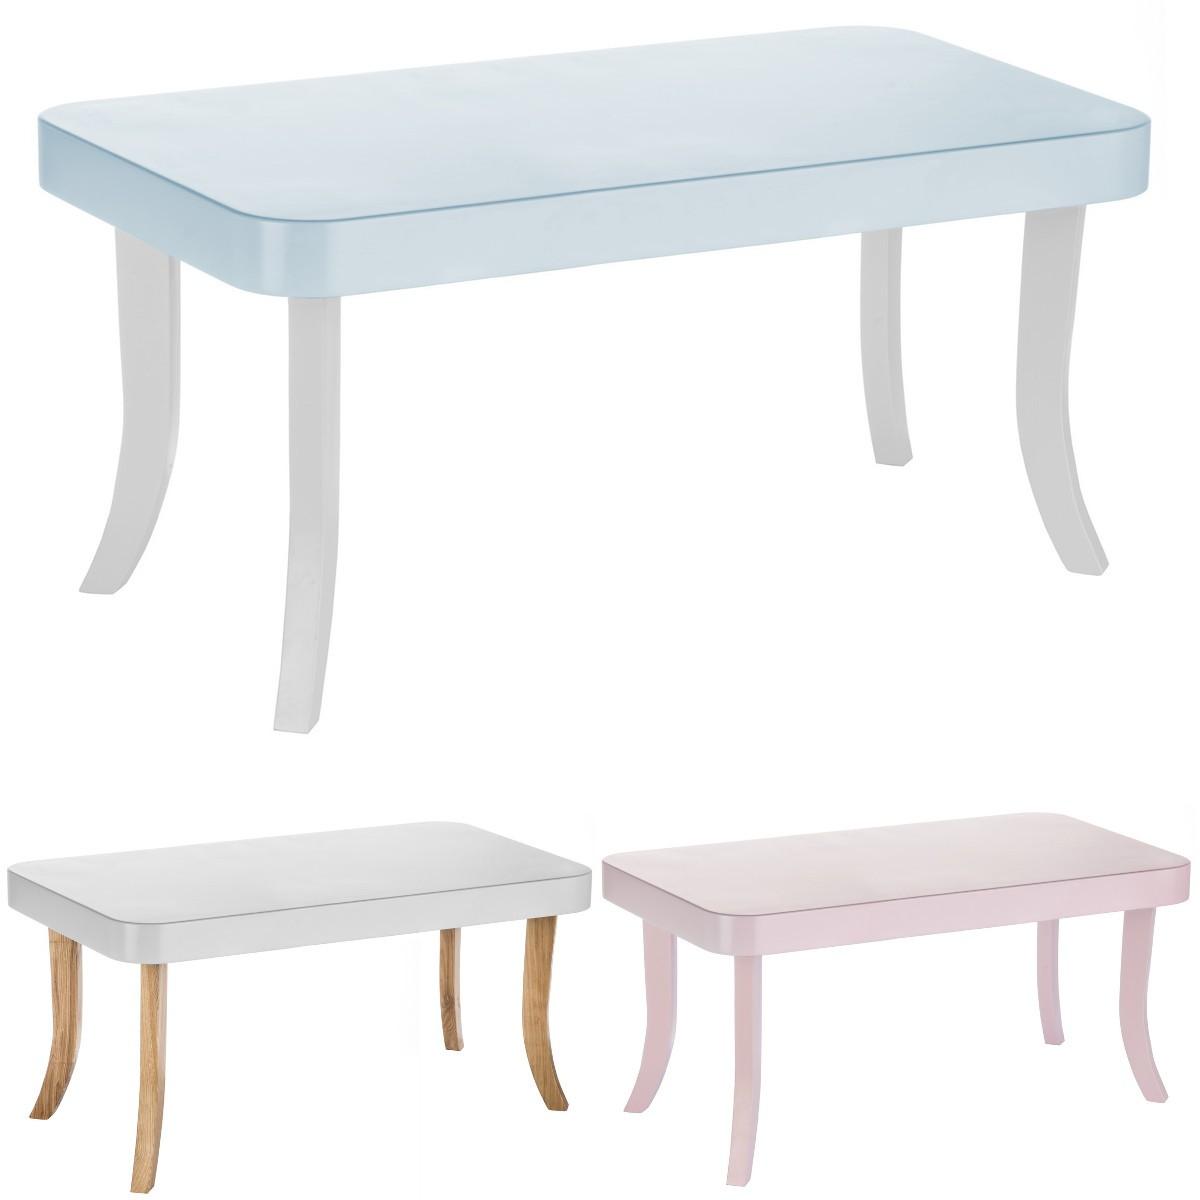 Designer Tisch Rund somebunny hochwertiger designer tisch rund 100 handgemacht